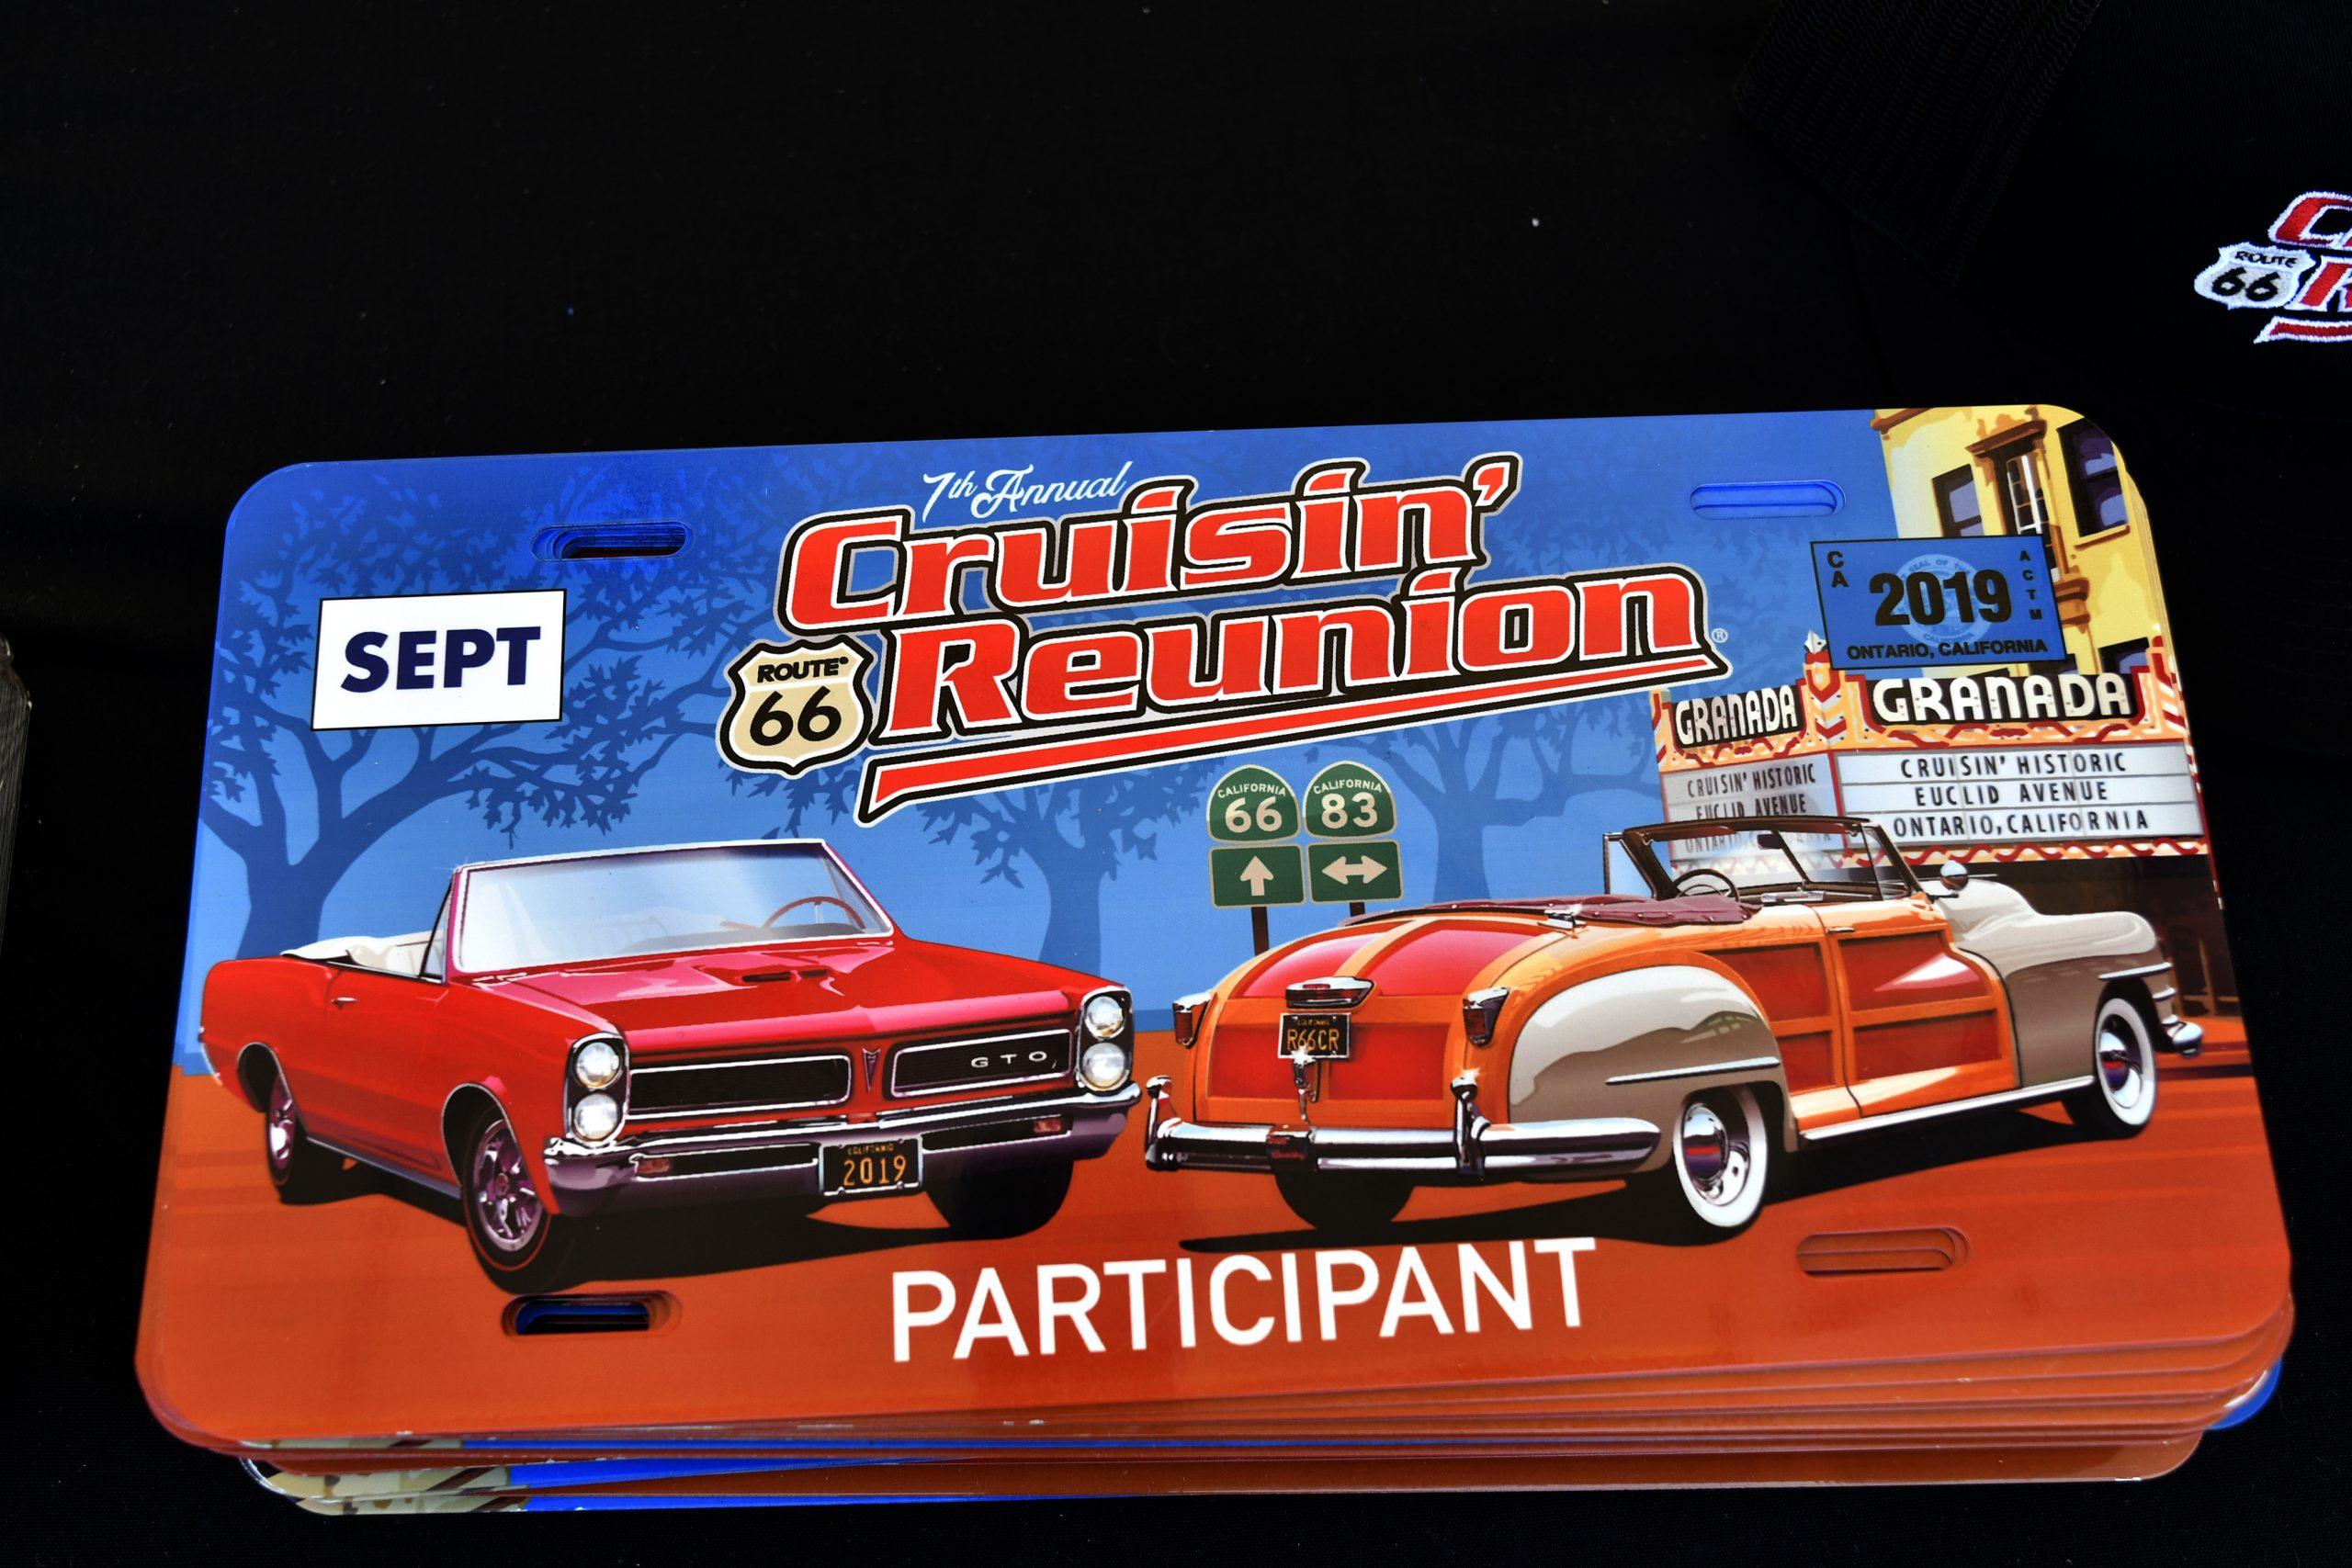 Route 66 Reunion plate memorabilia